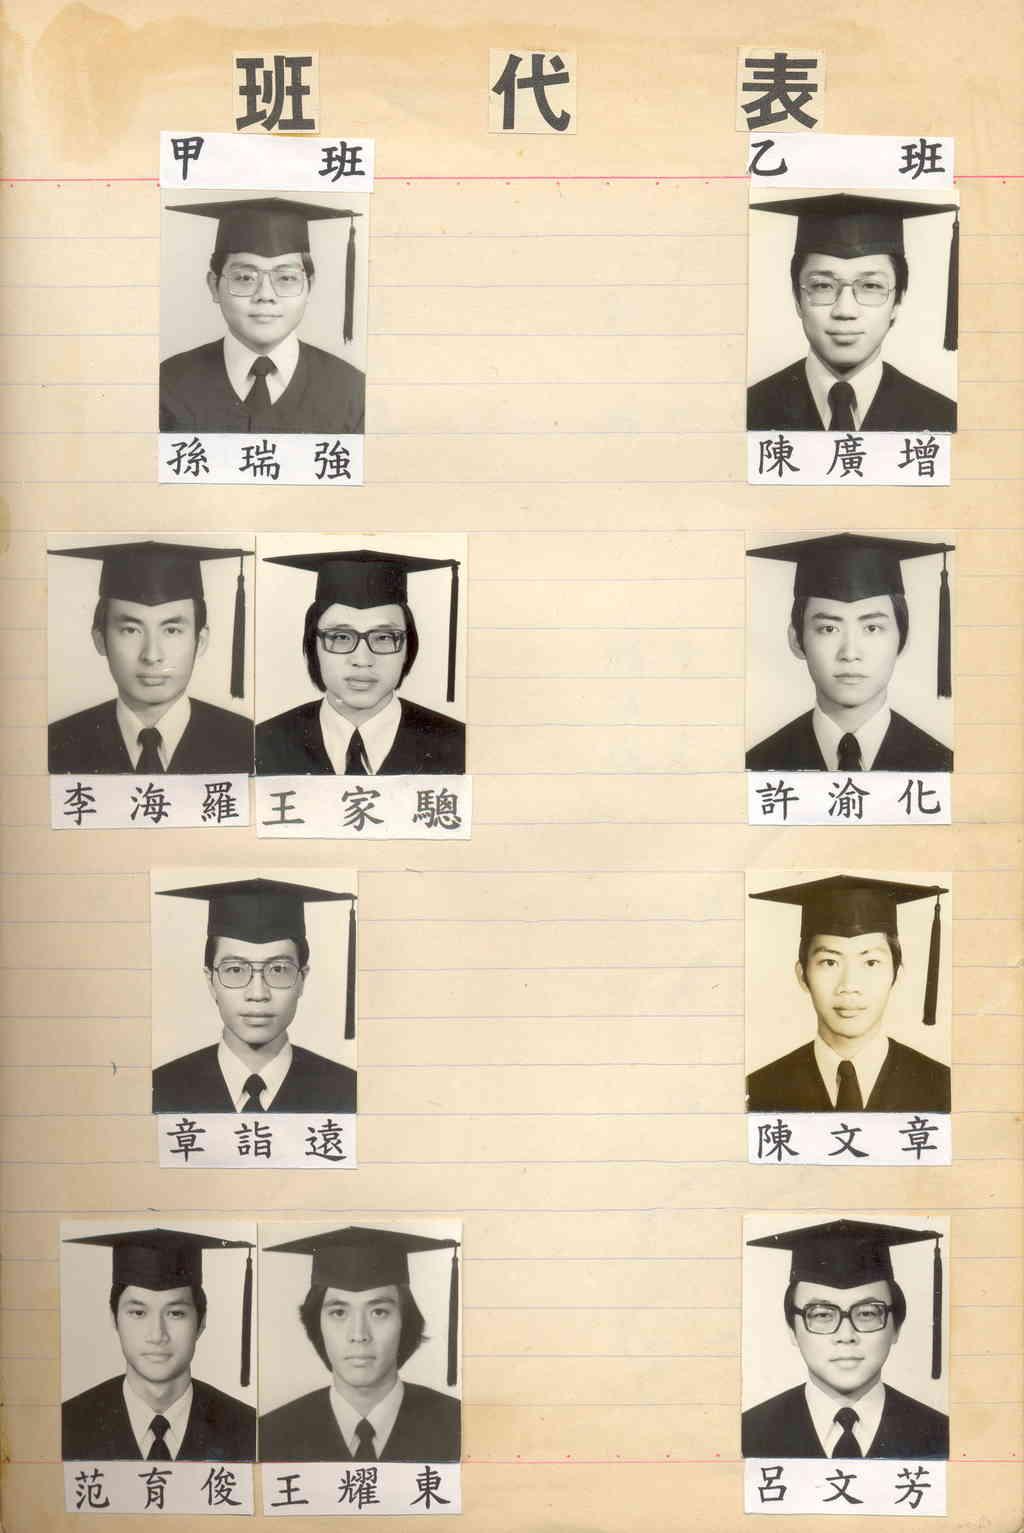 1976 臺大化工系 - 四年級部落格 - 新浪部落